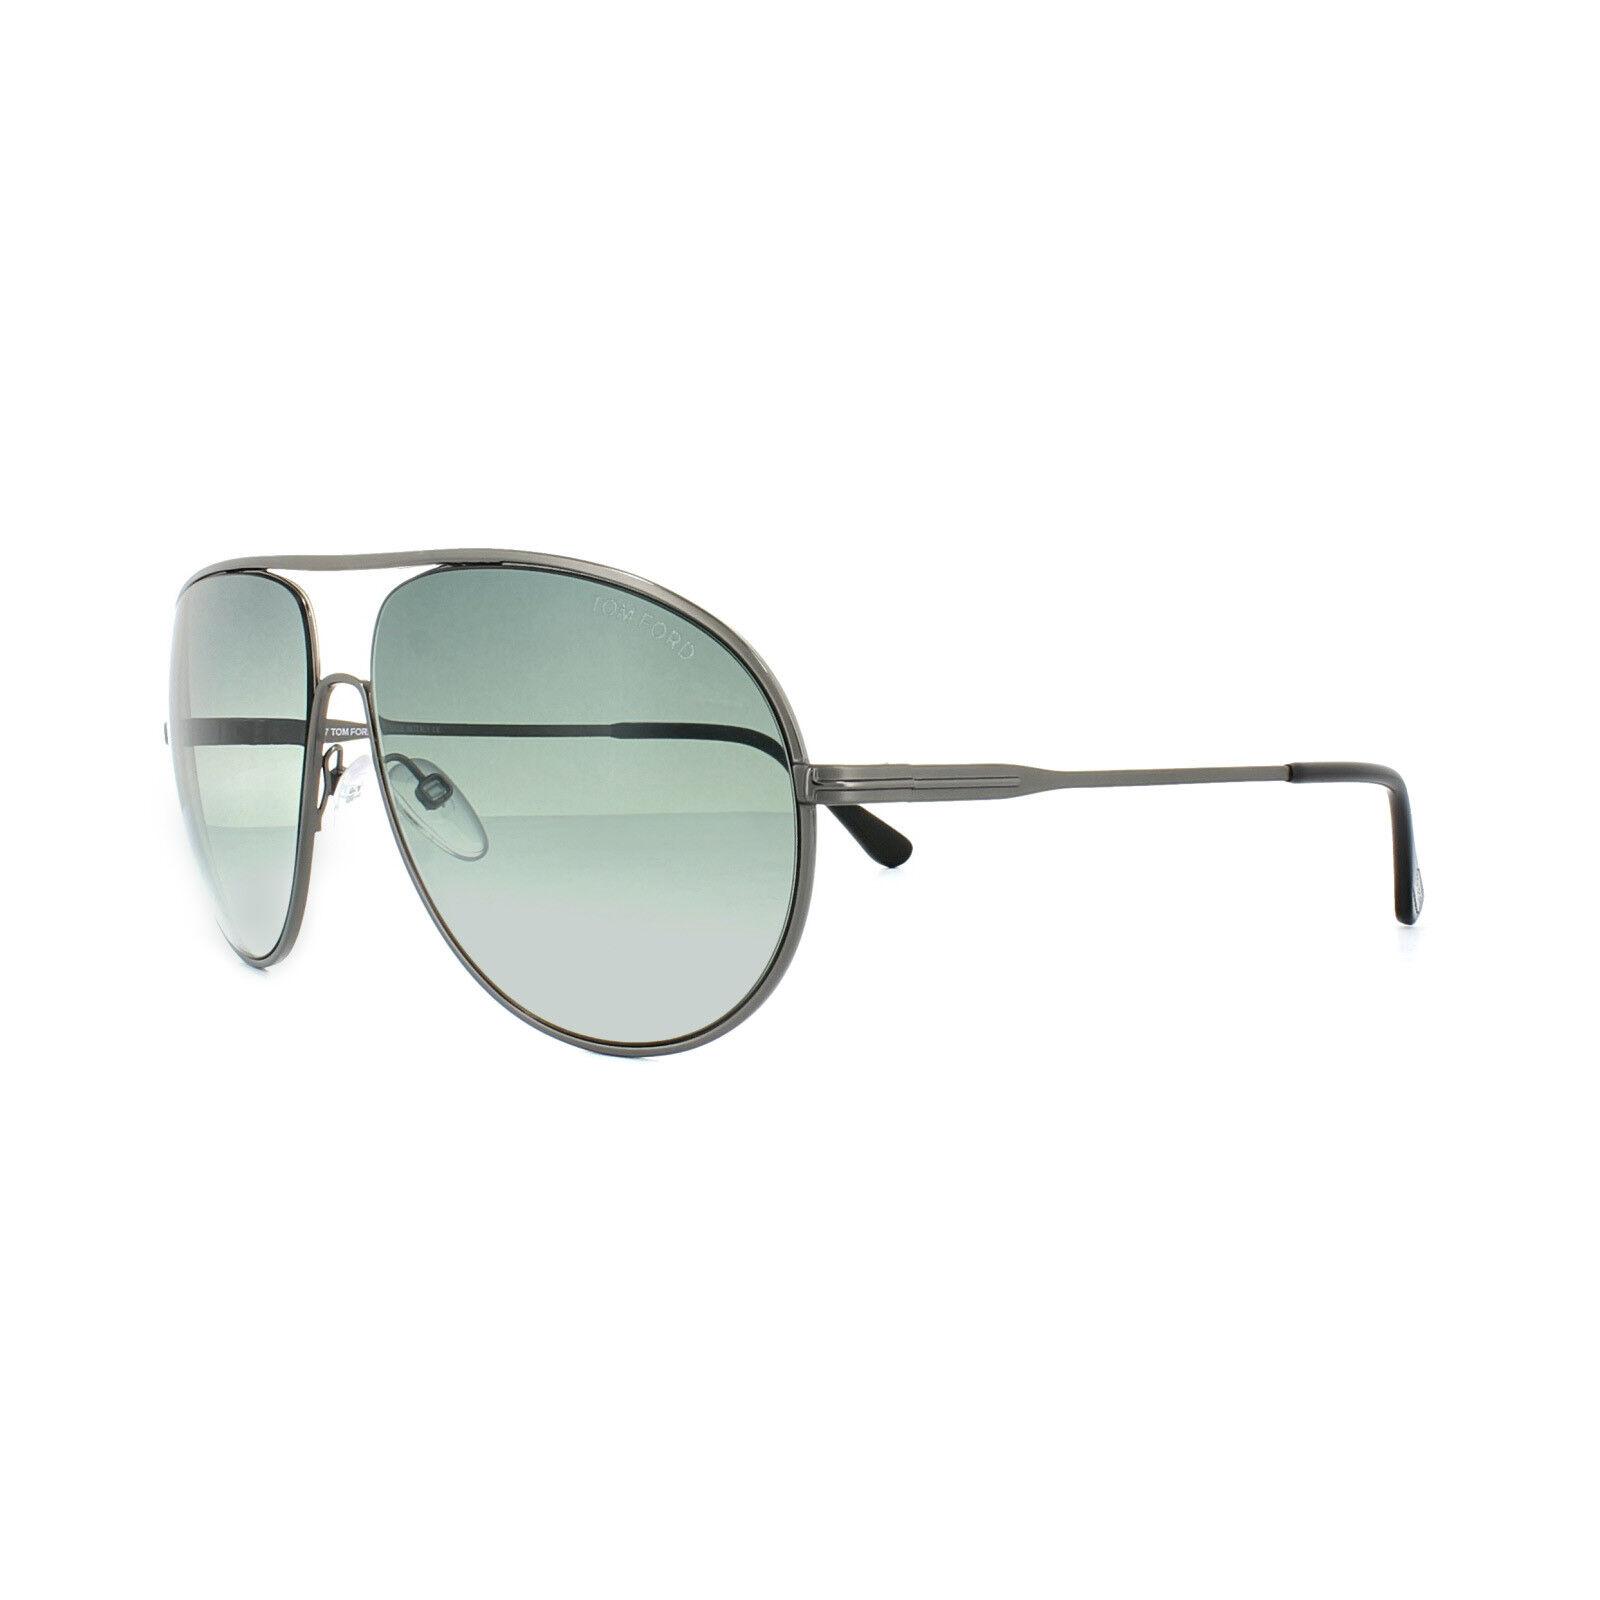 94cd932cf8 Tom Ford Sunglasses Men TF 450 Gunmetal 09b Cliff 61mm for sale ...